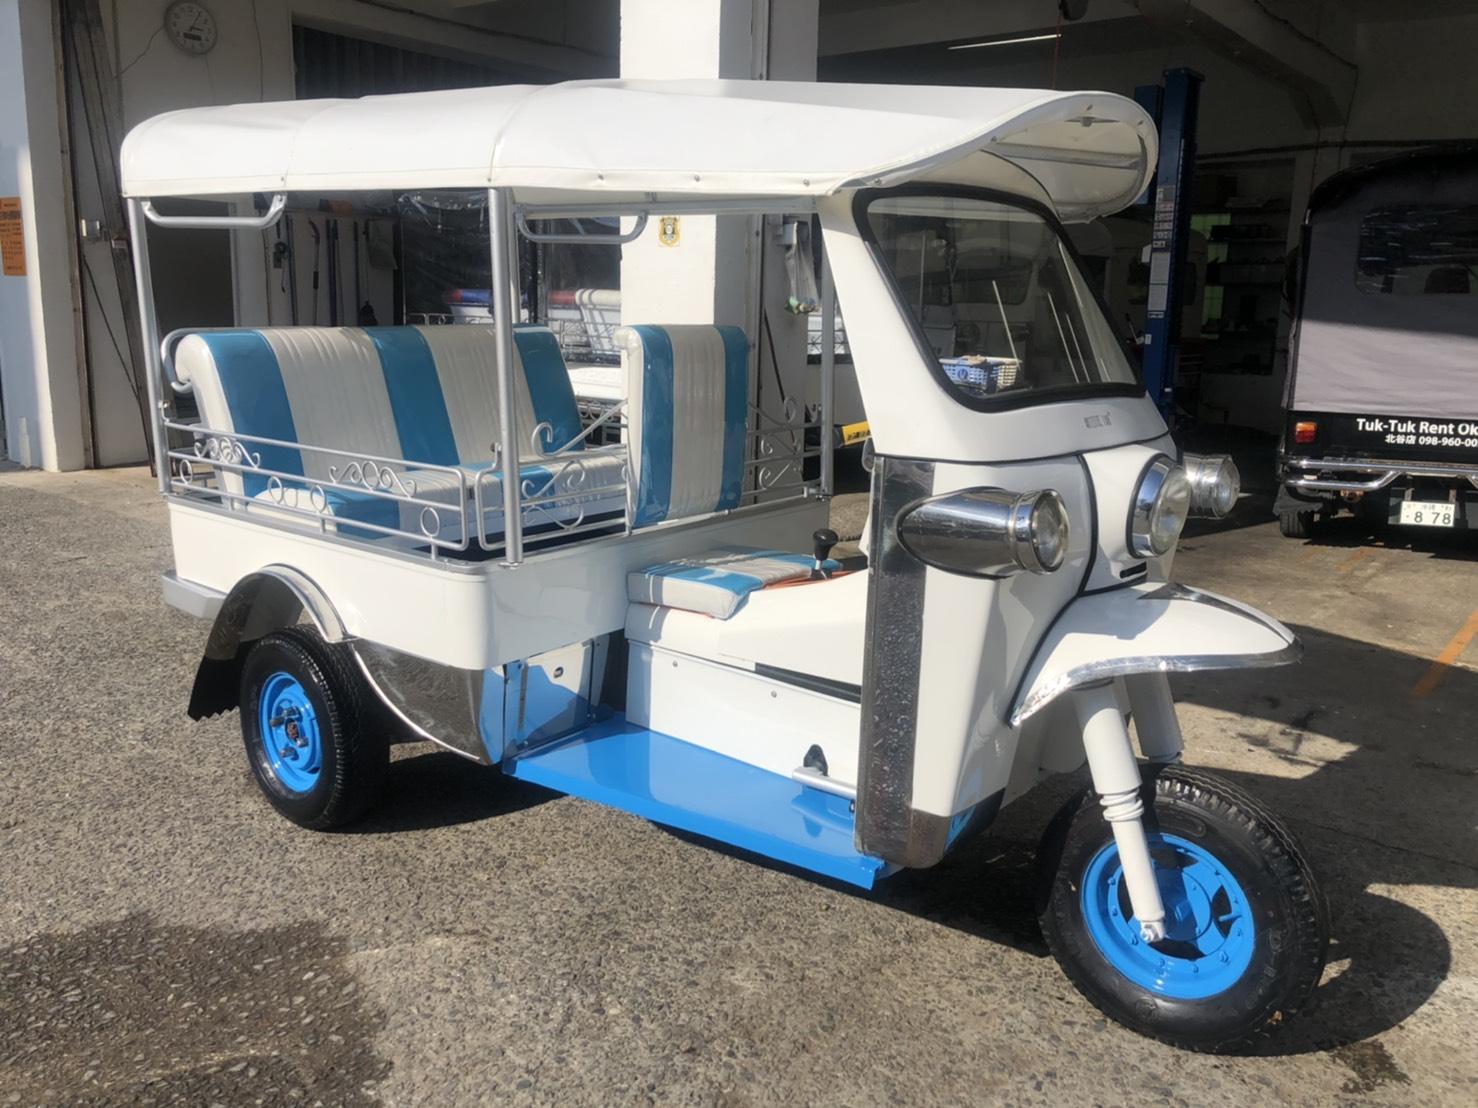 ディスプレイ専用車 (4人乗り 白青)